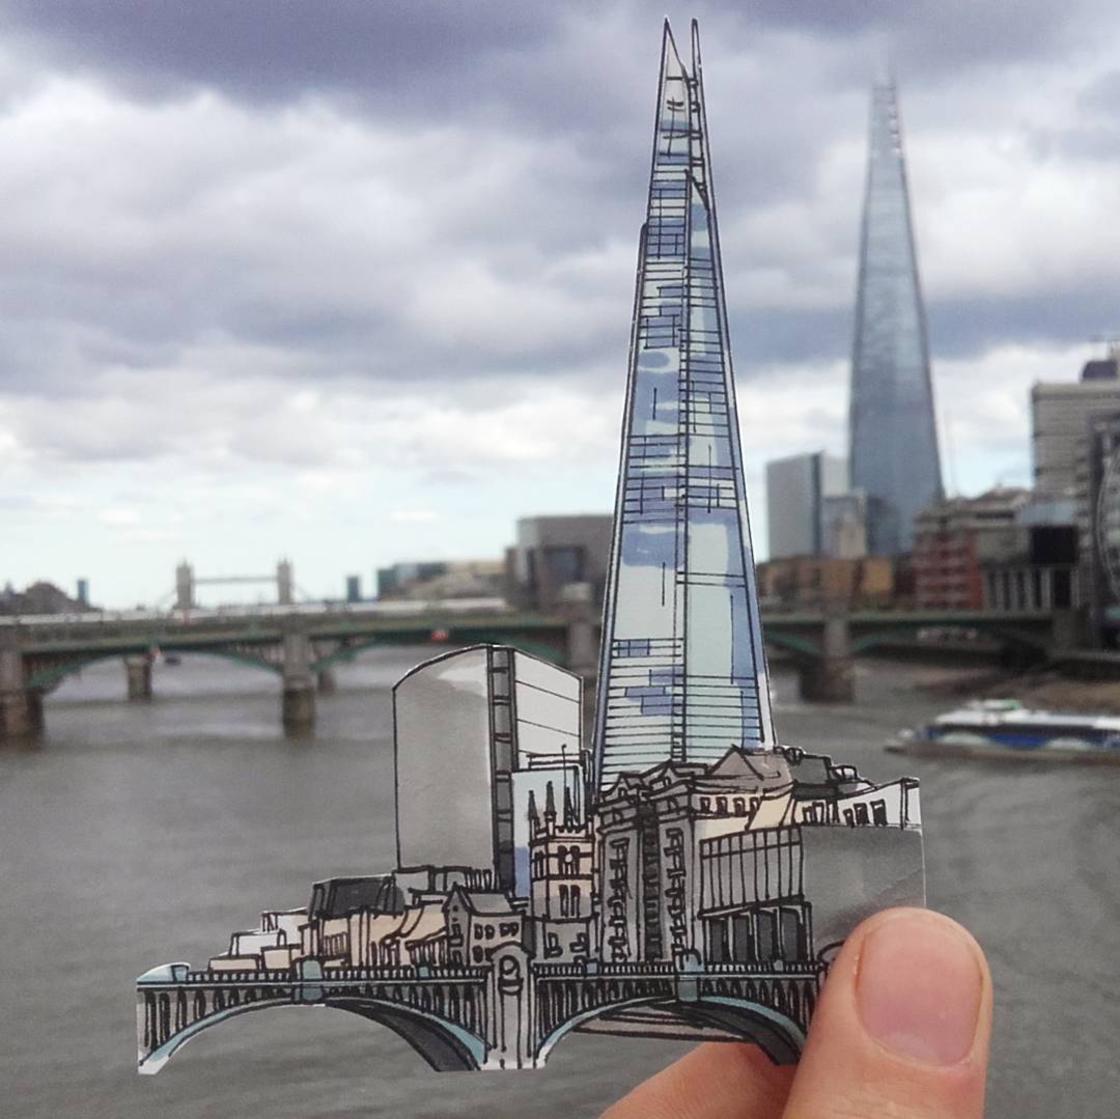 Il rend hommage aux pubs iconiques de Londres avec d'adorables illustrations